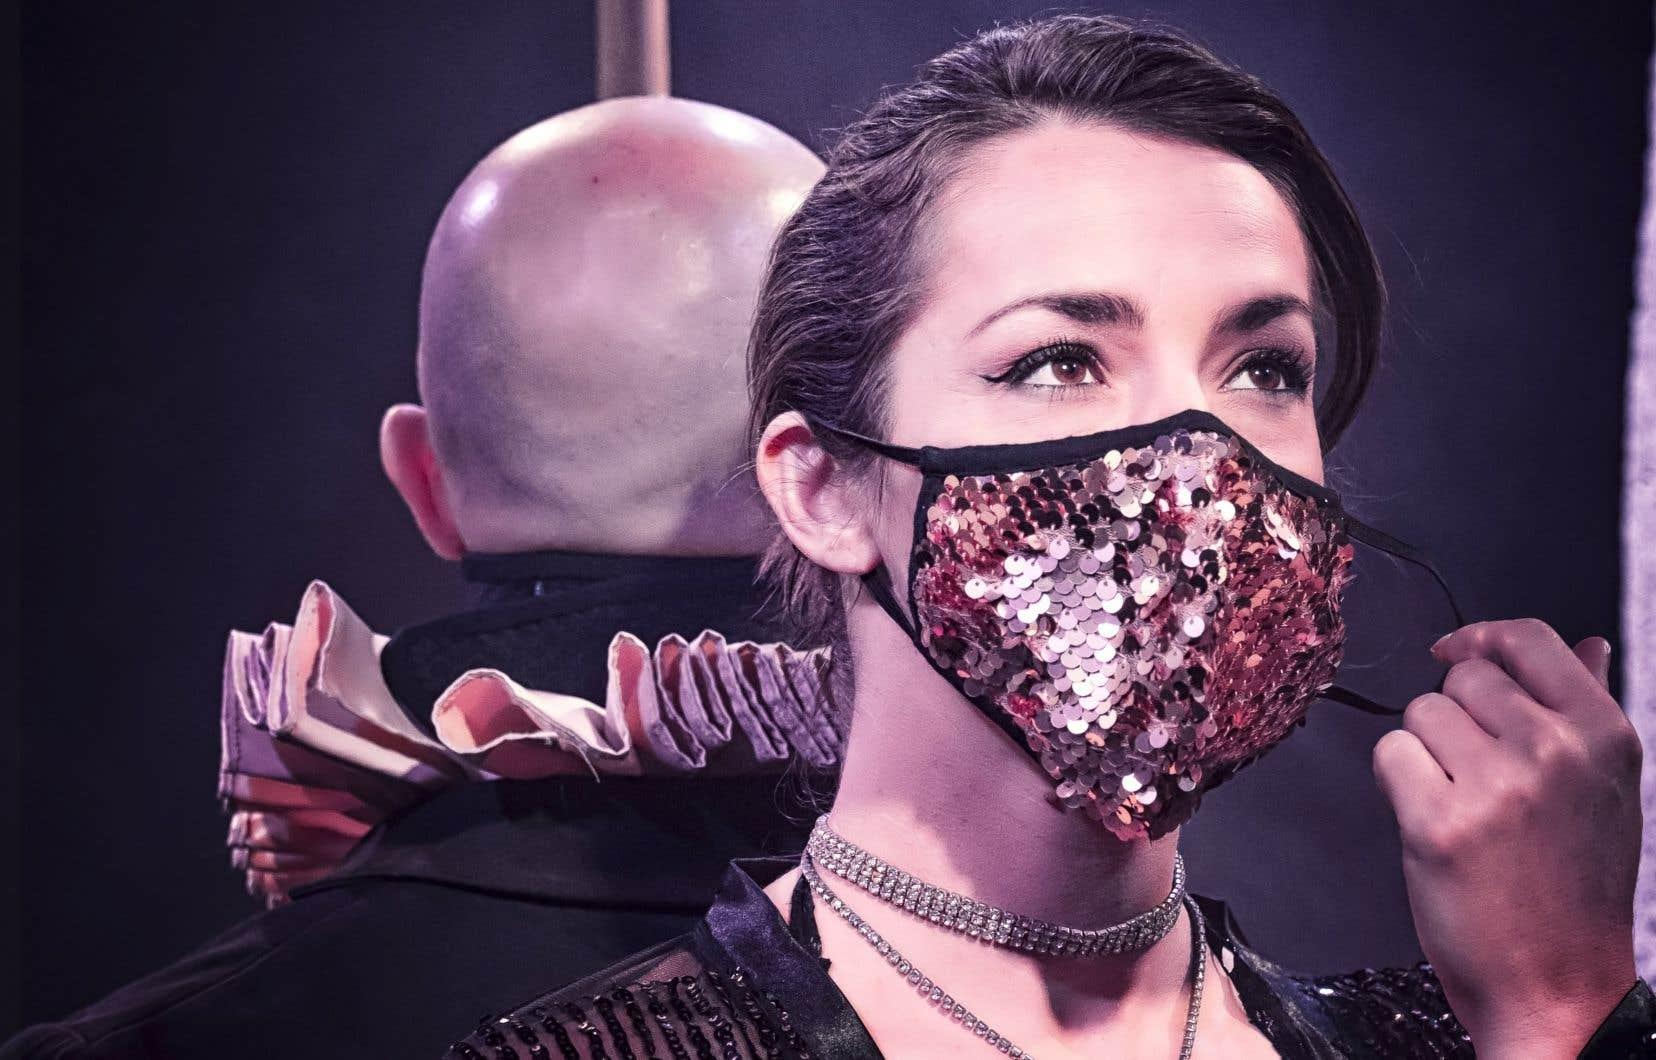 Le couple polyamoureux formé par les artistes David Menes Rodriguez et Lysandre Murphy-Gauthier s'exécute sur scène dans le spectacle «Le baiser interdit».